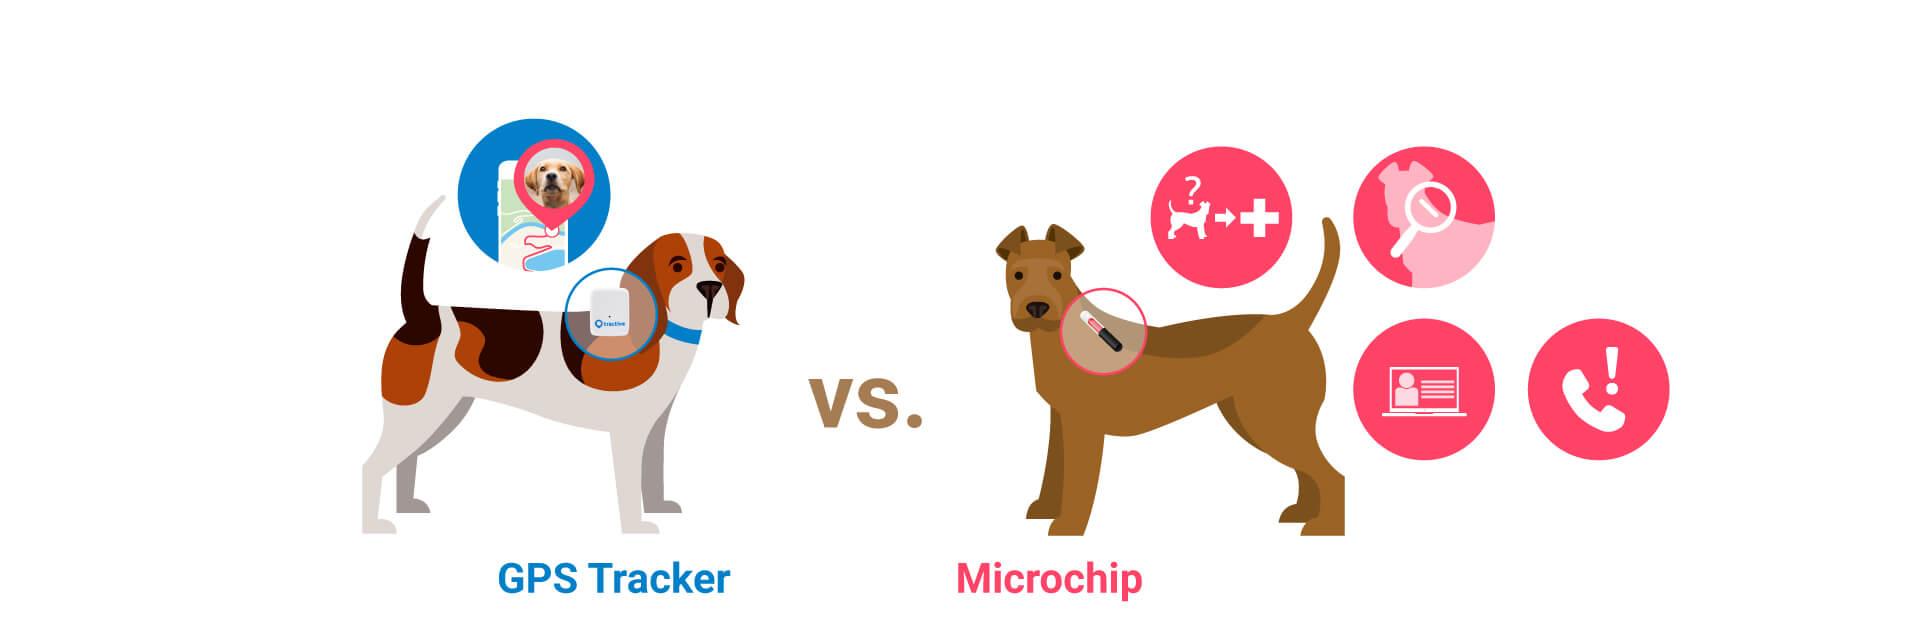 Hundechip Unterschied zu Tractive GPS tracker - Vergleich der Funktionen